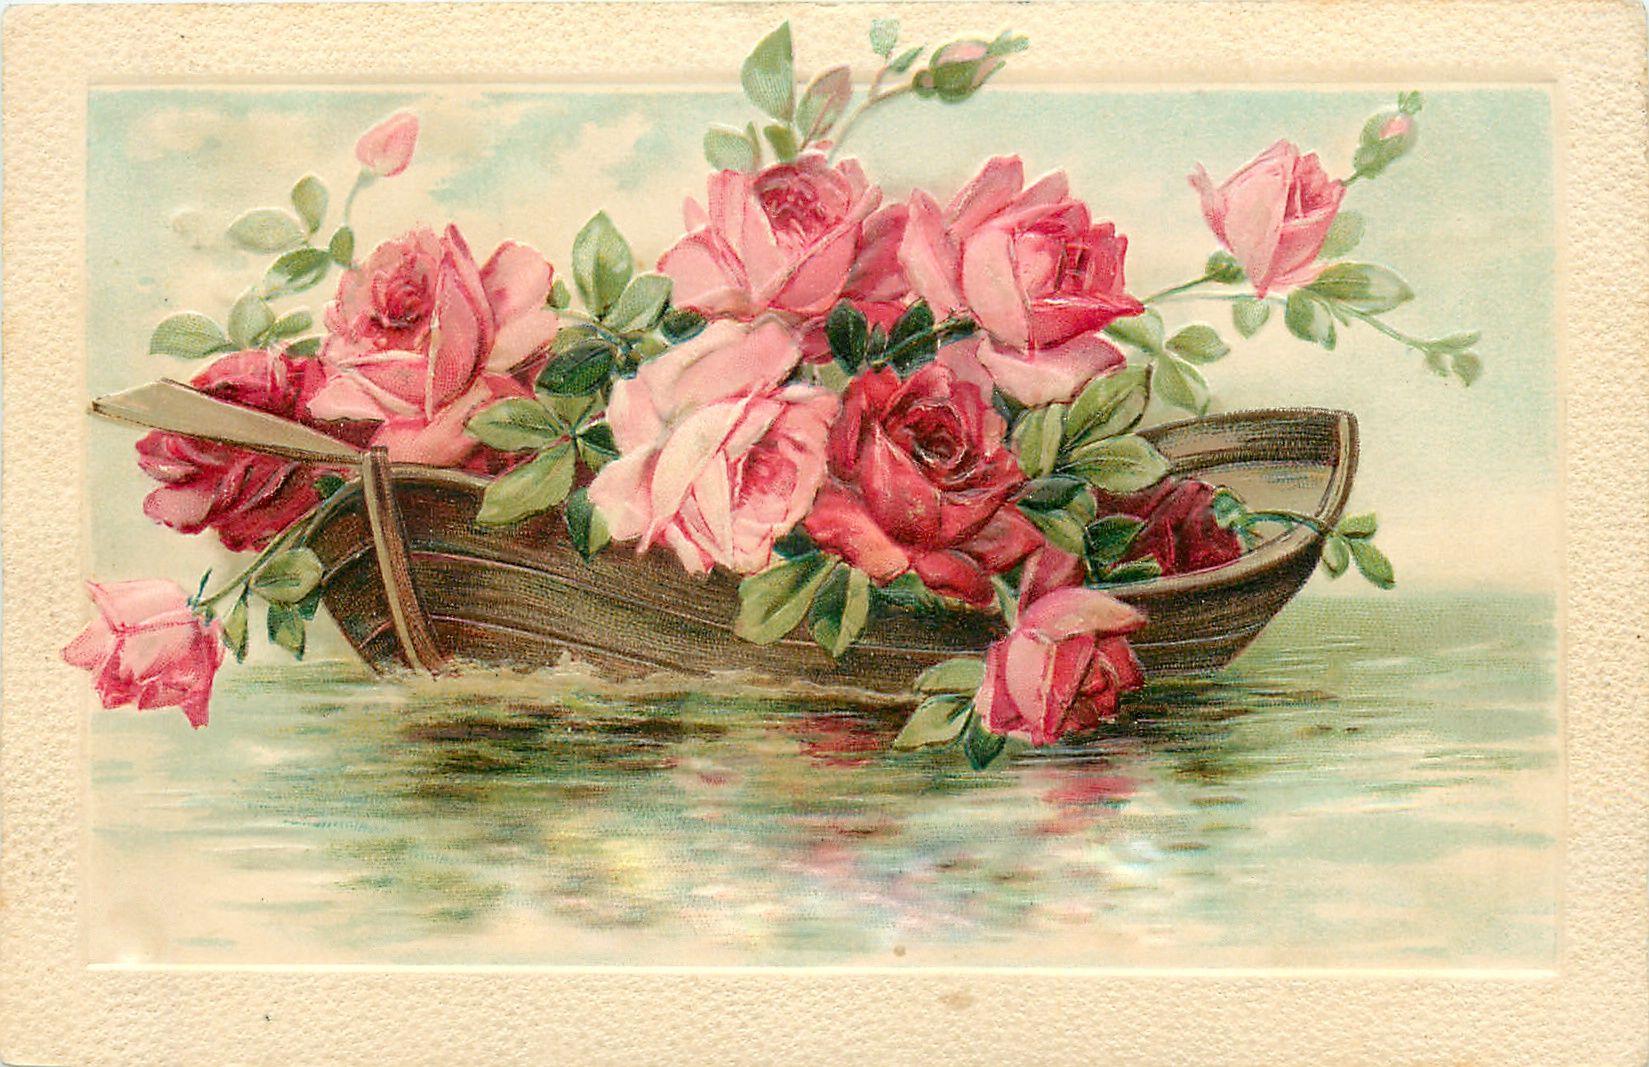 делала поздравления с днем рождения цветы картинки винтаж колоннады композитными капителями